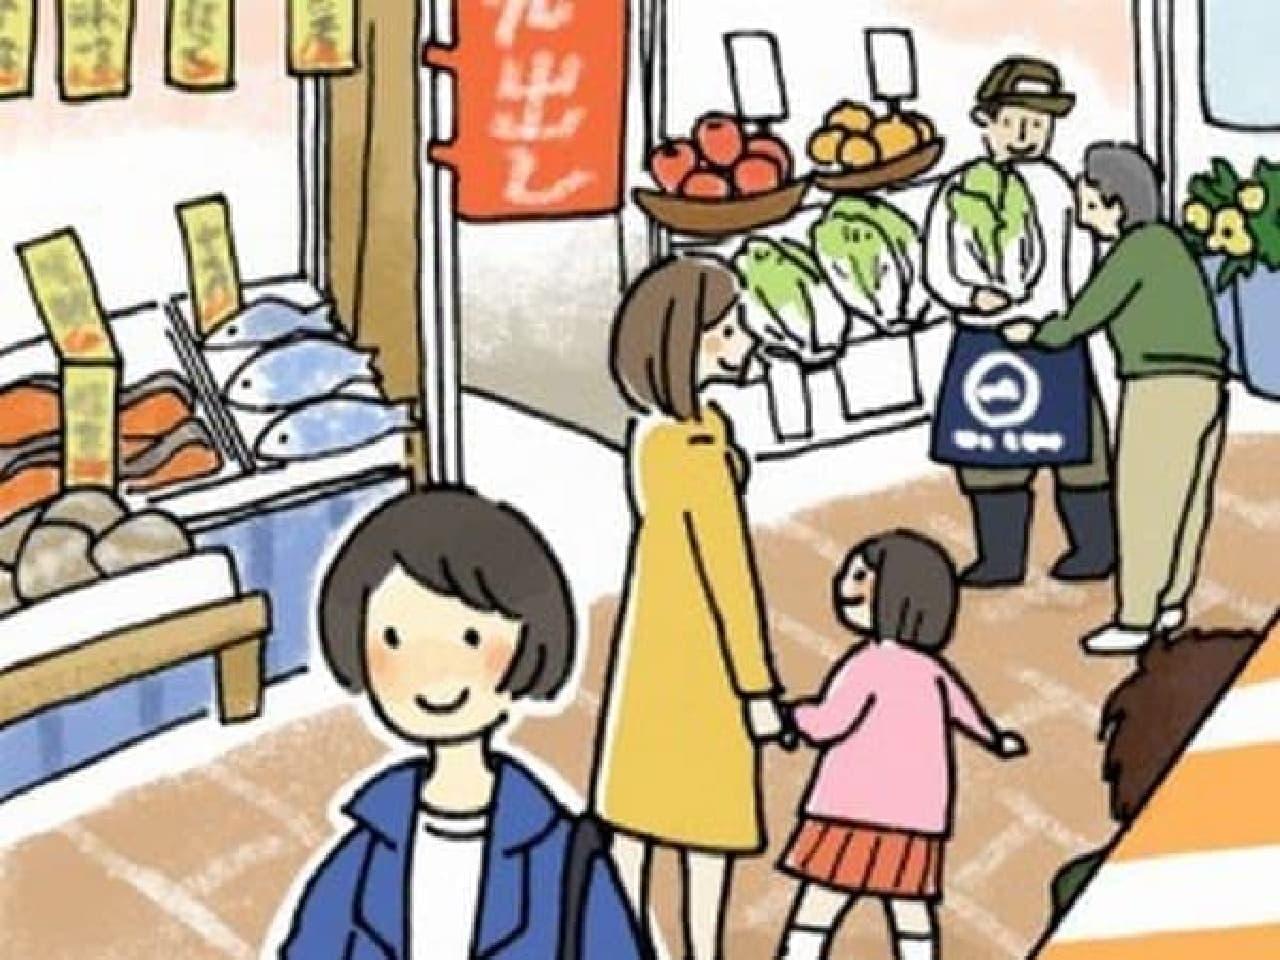 東京都民の好きな商店街は?/イラスト:よしもとなな氏  (「HOME'S」Web サイトより)